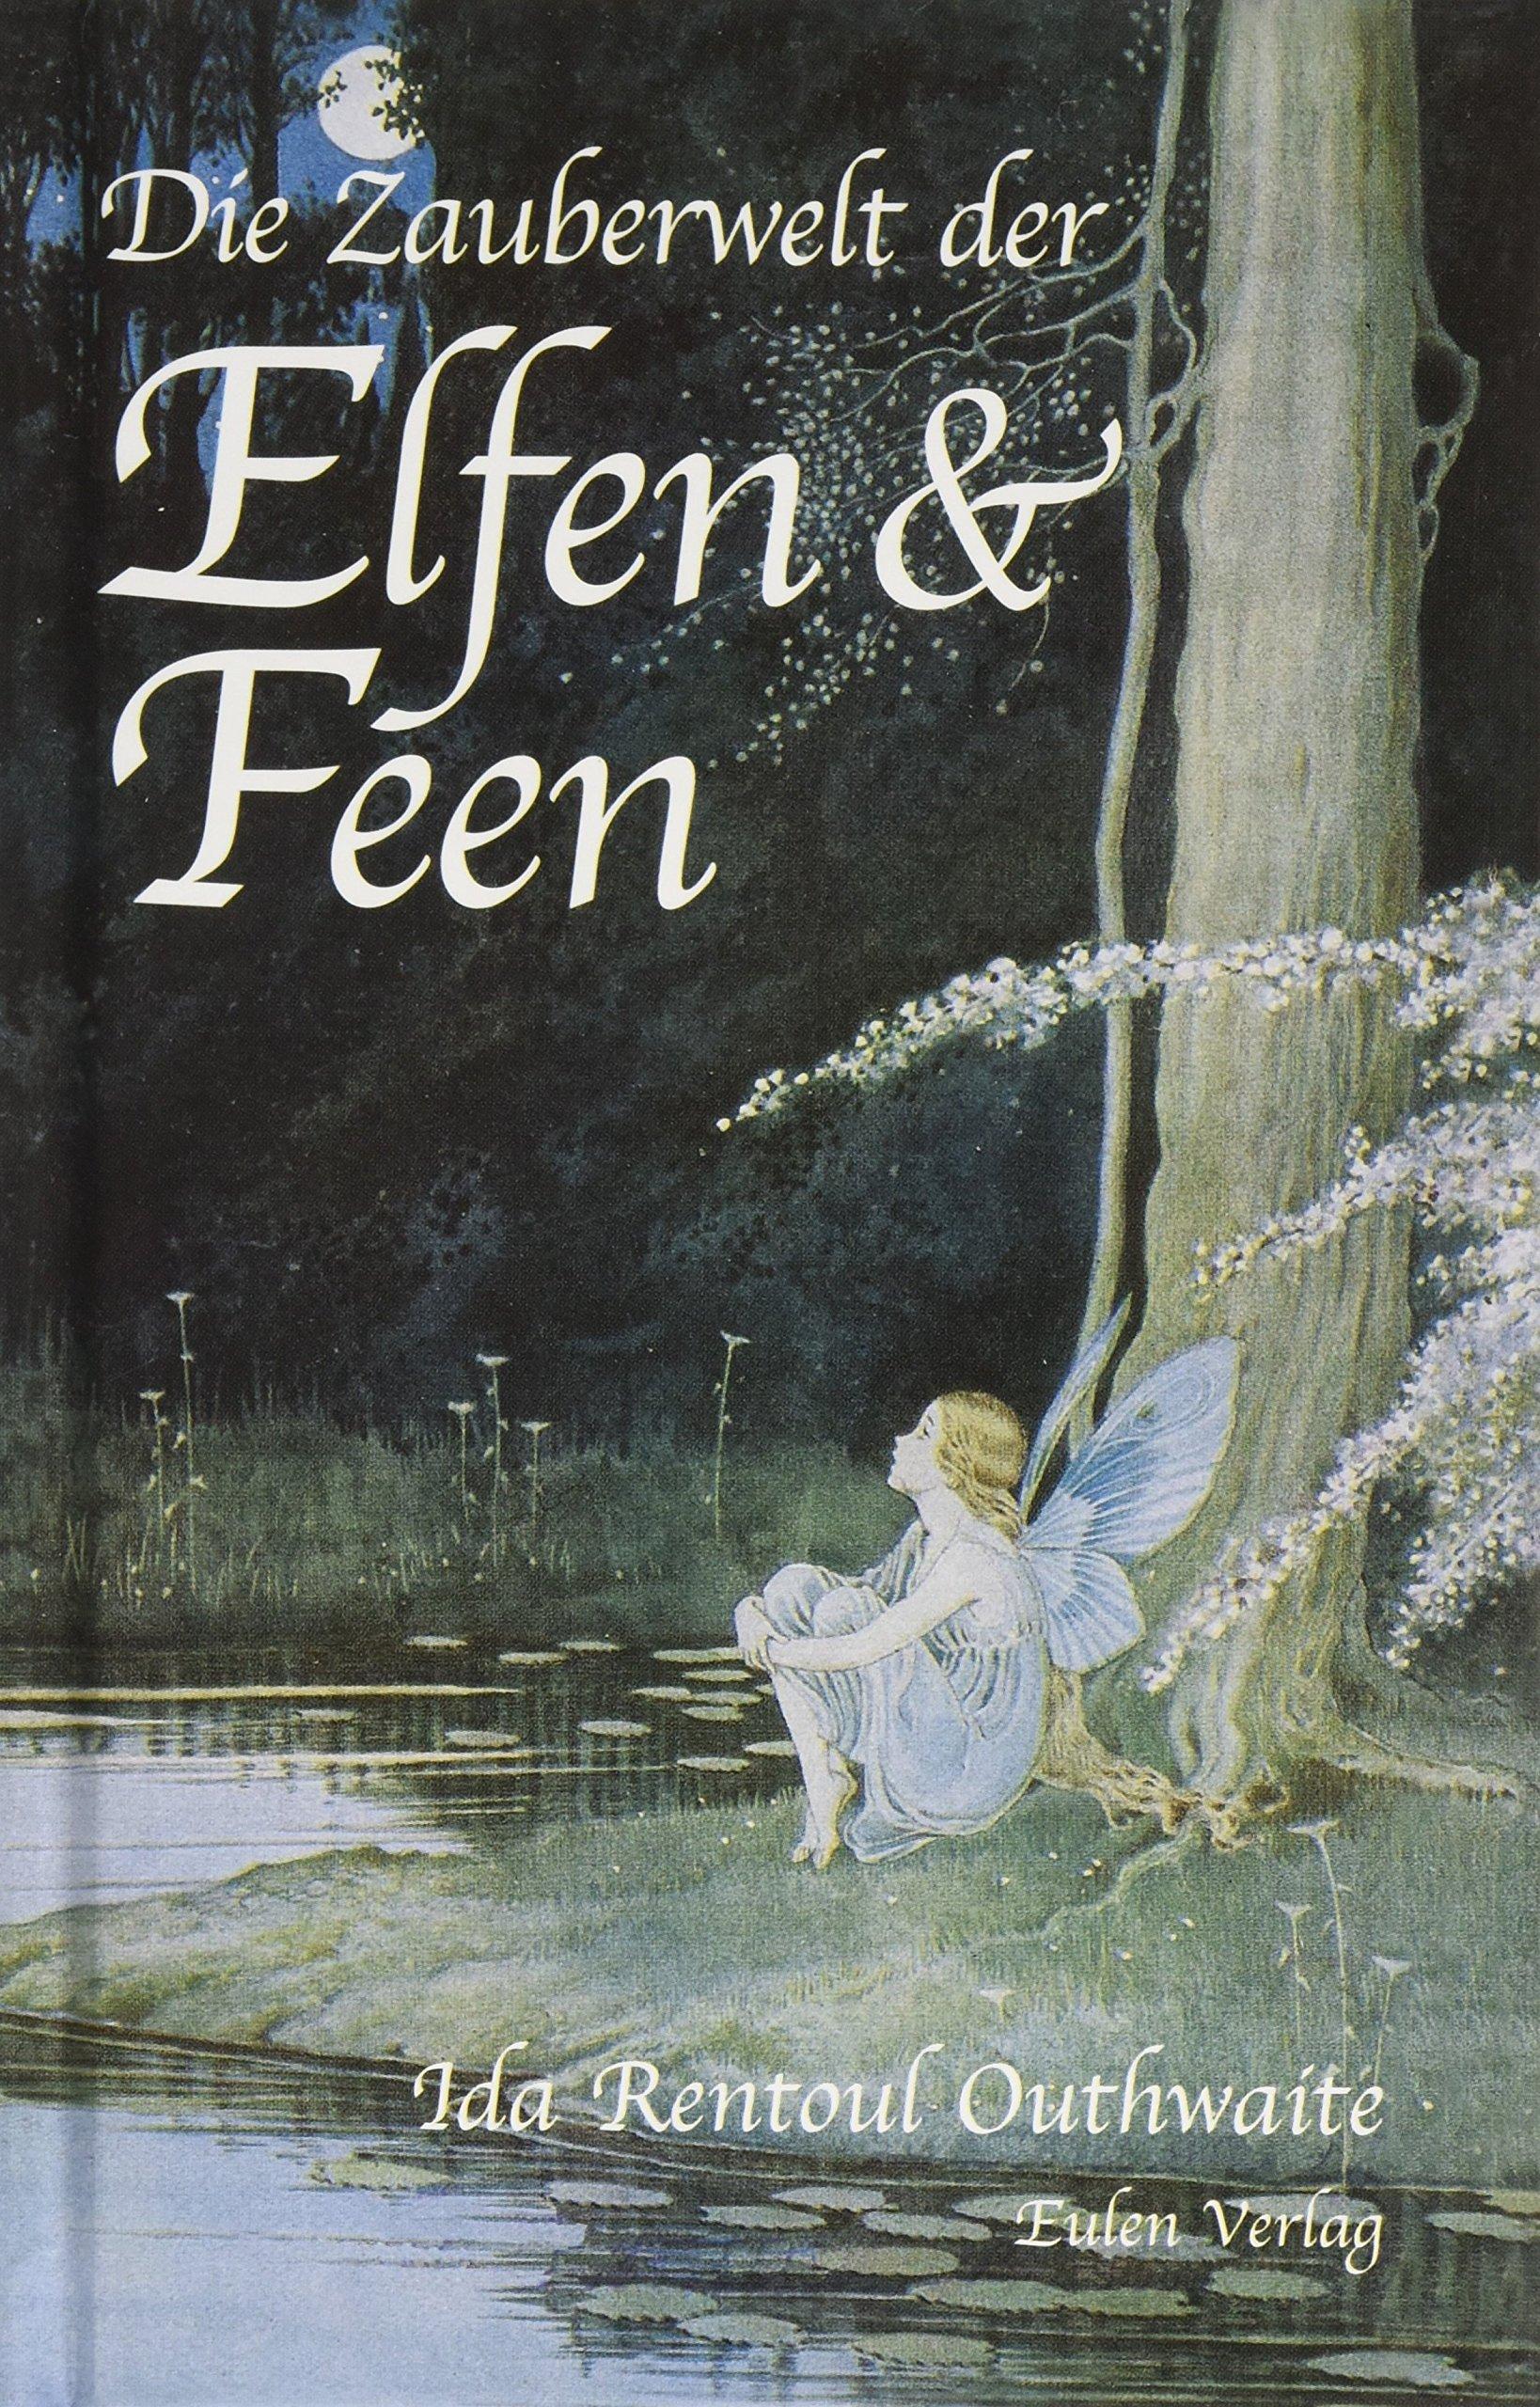 Die Zauberwelt der Elfen & Feen